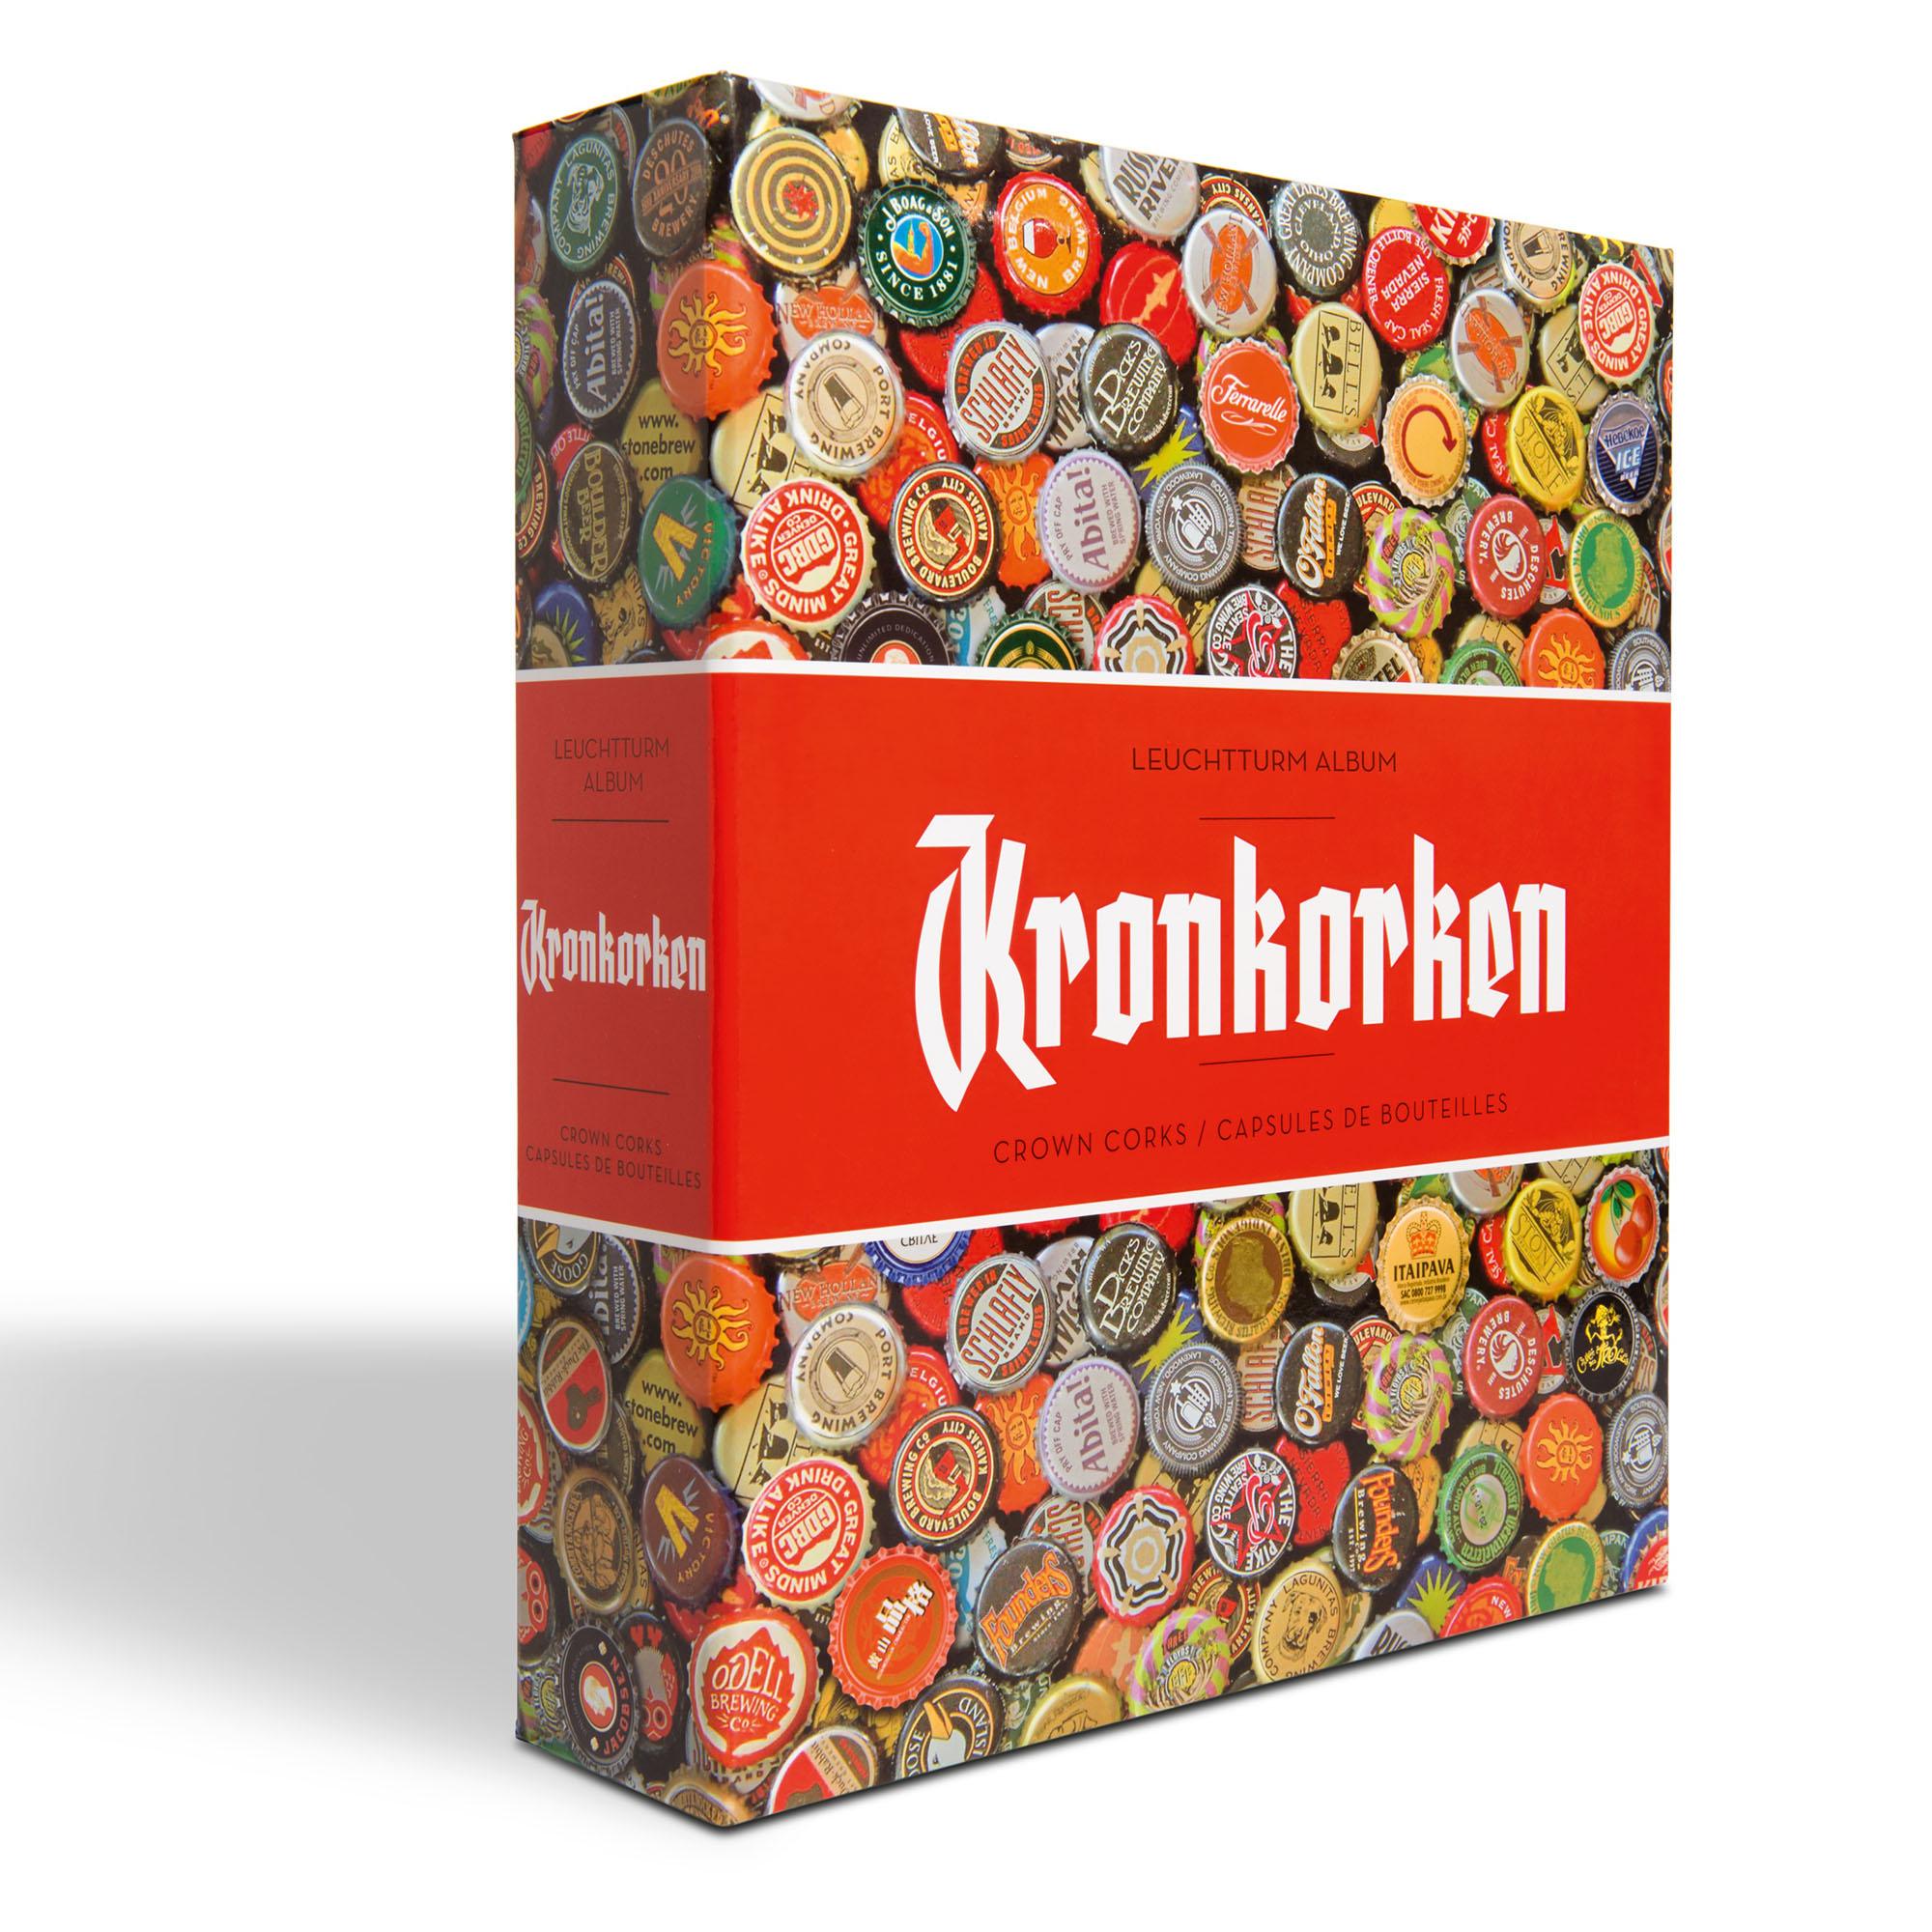 Альбом GRANDE Kronkorken для крончатых колпачков (пивных пробок)